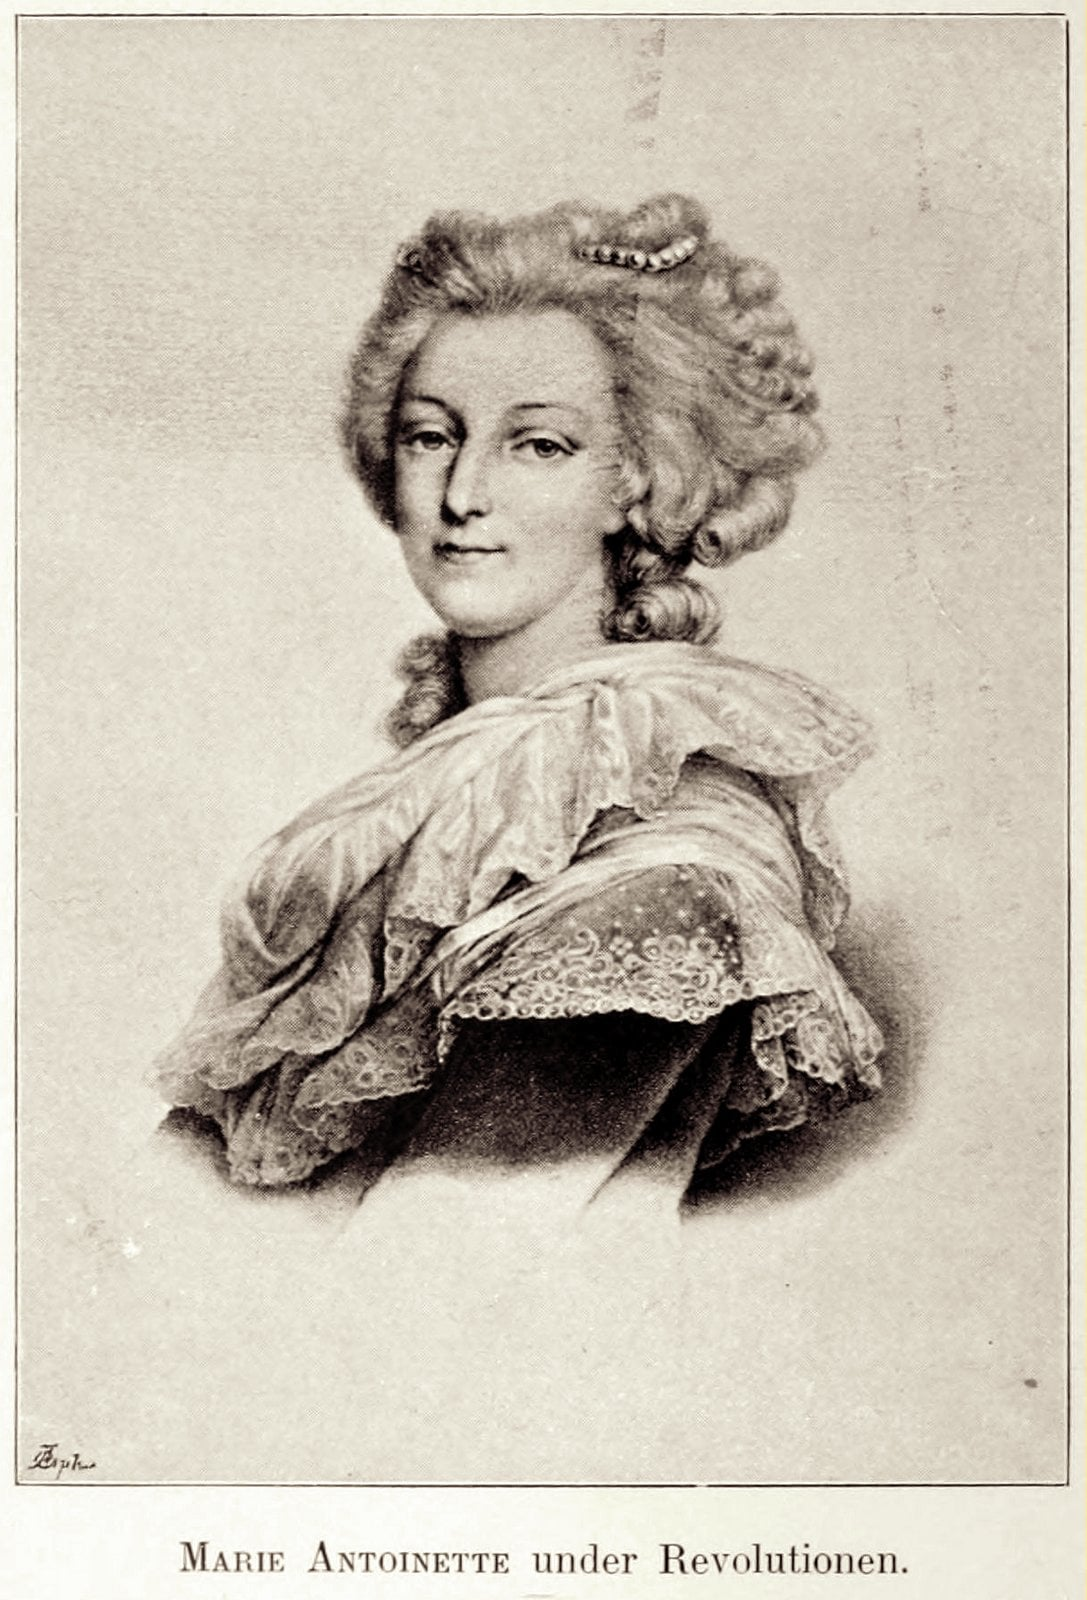 Marie Antoinette in a dress